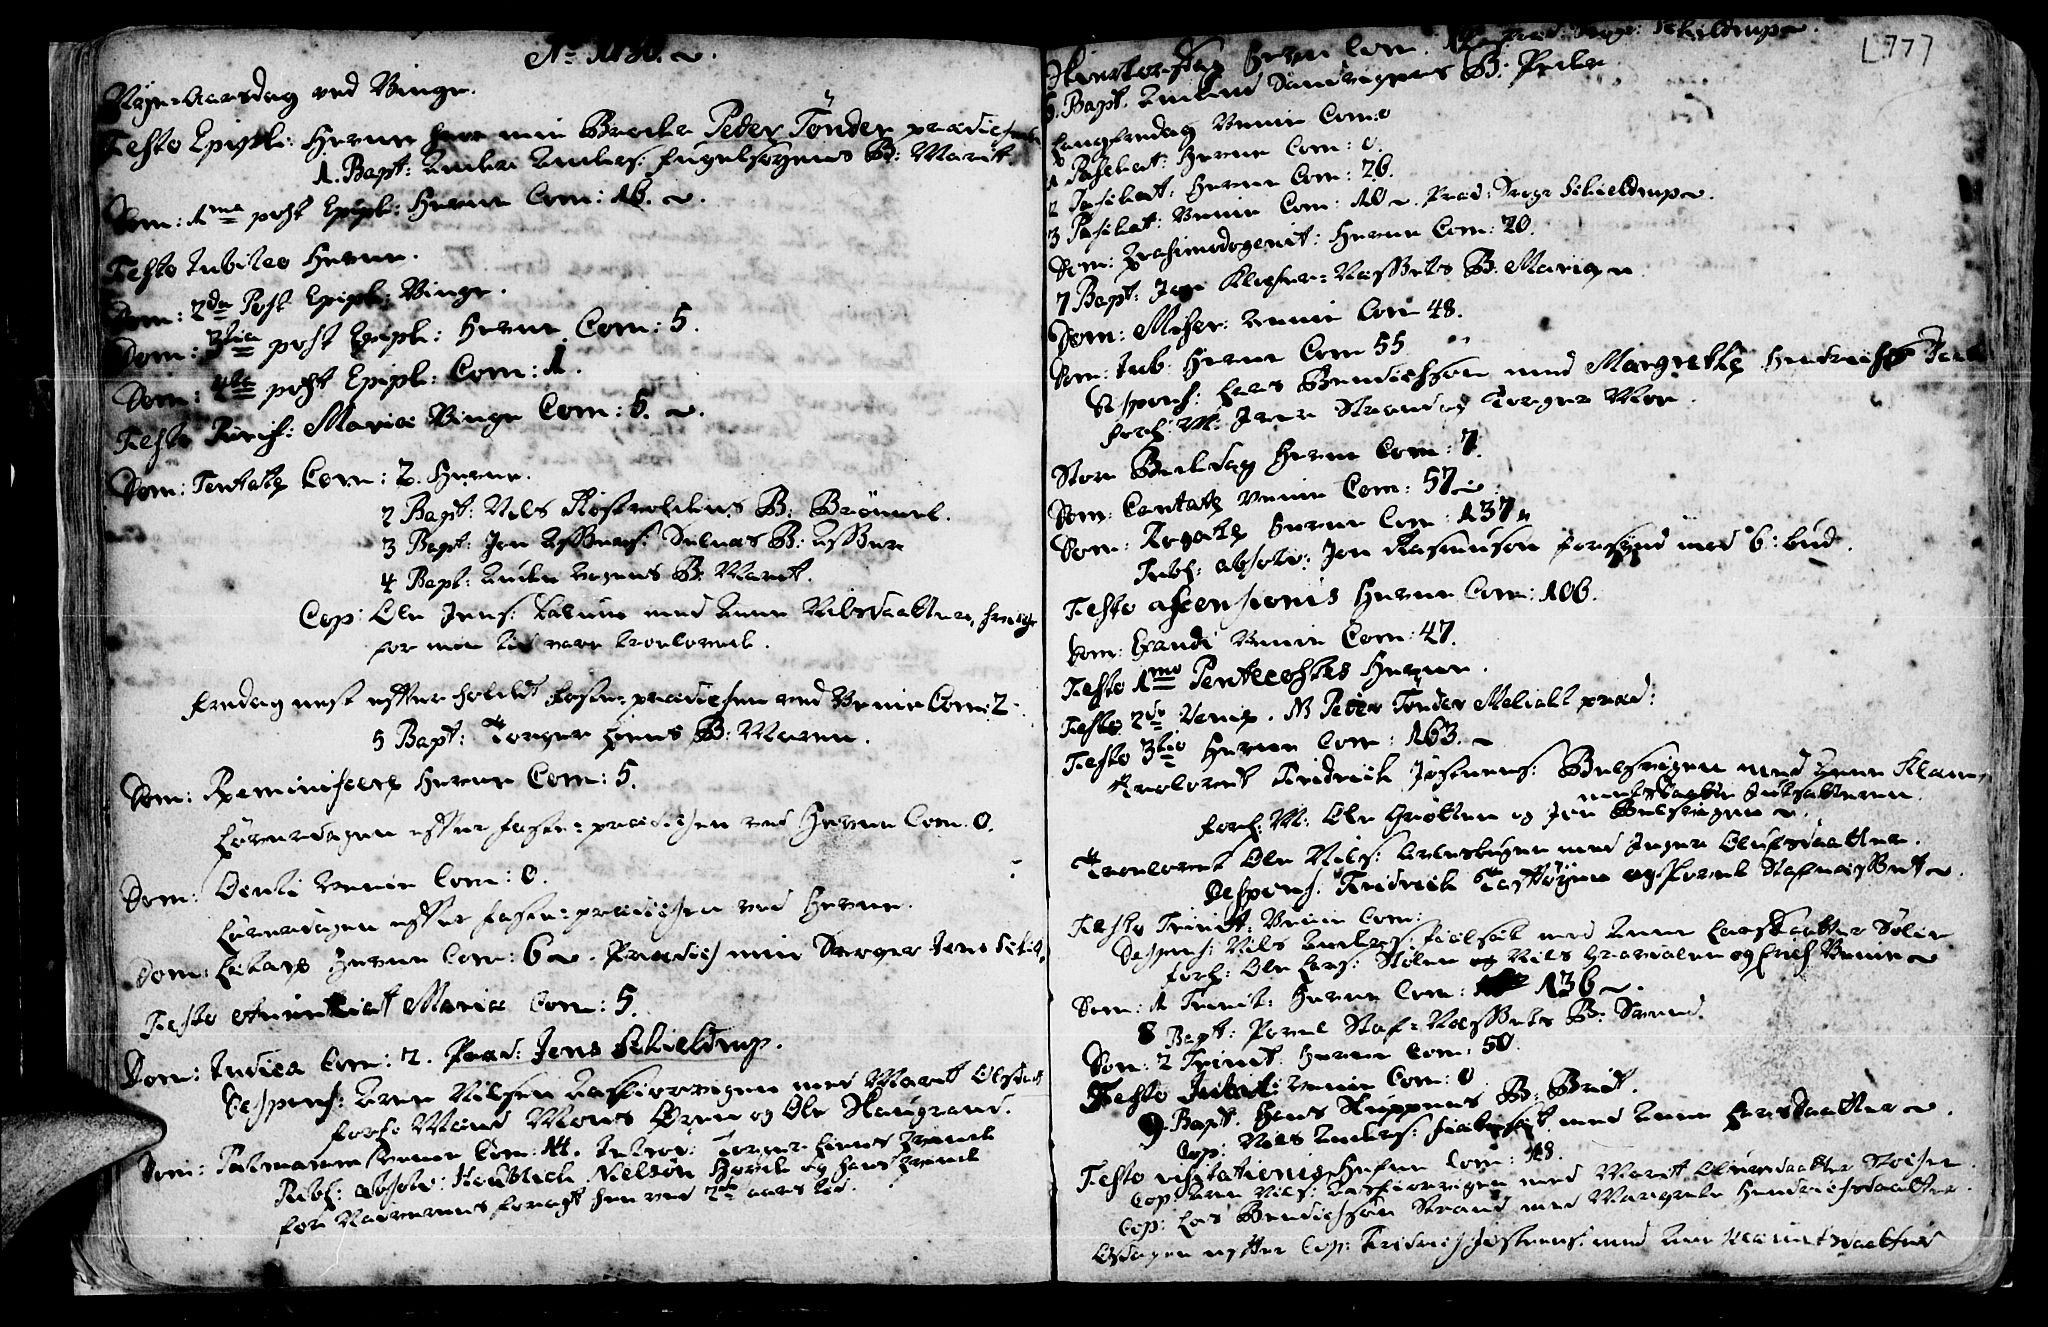 SAT, Ministerialprotokoller, klokkerbøker og fødselsregistre - Sør-Trøndelag, 630/L0488: Ministerialbok nr. 630A01, 1717-1756, s. 76-77